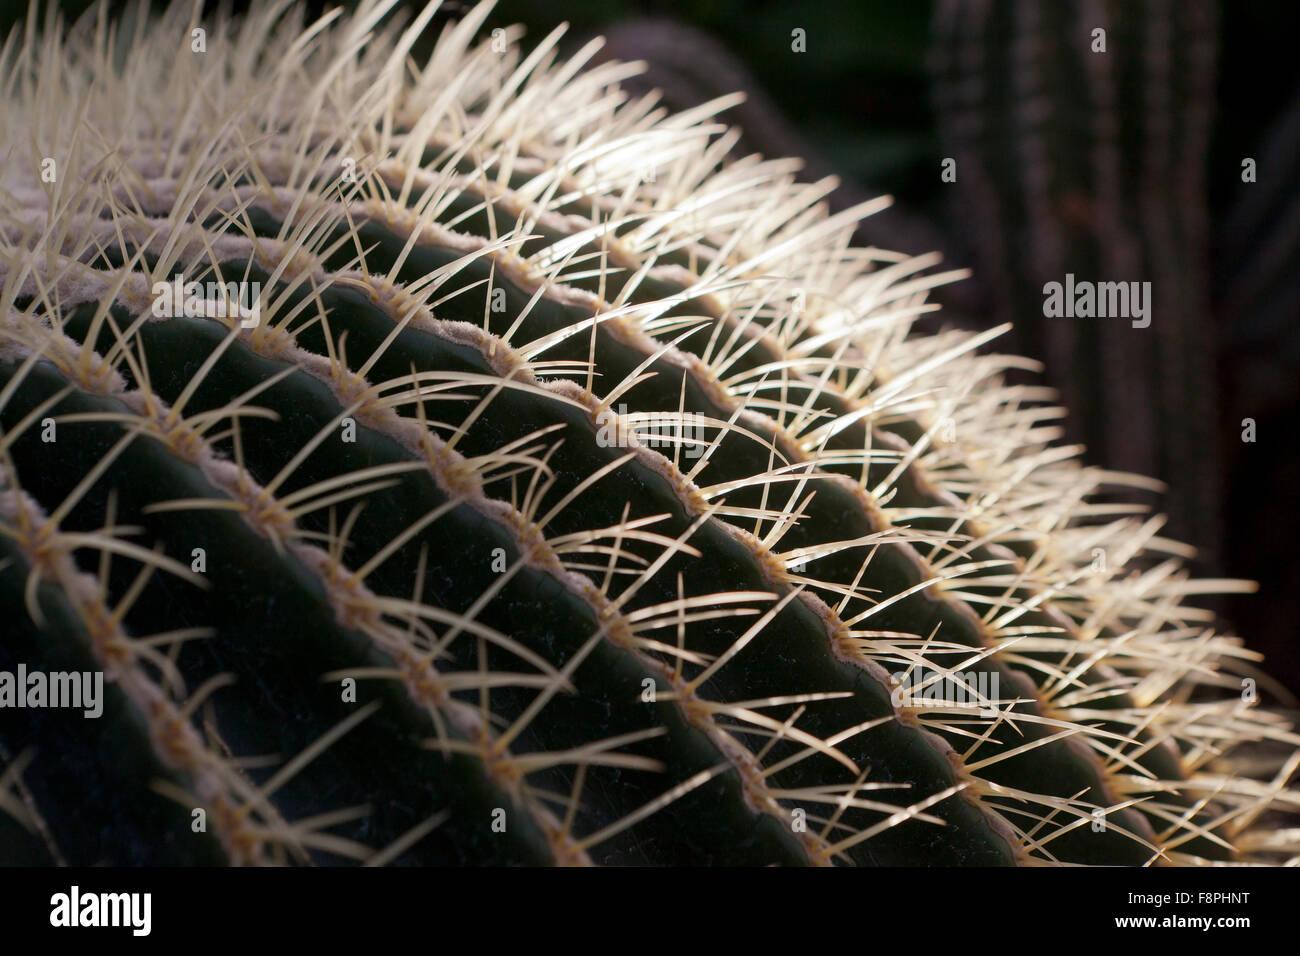 Barrel cactus (Echinocactus grusonii) spines - Stock Image